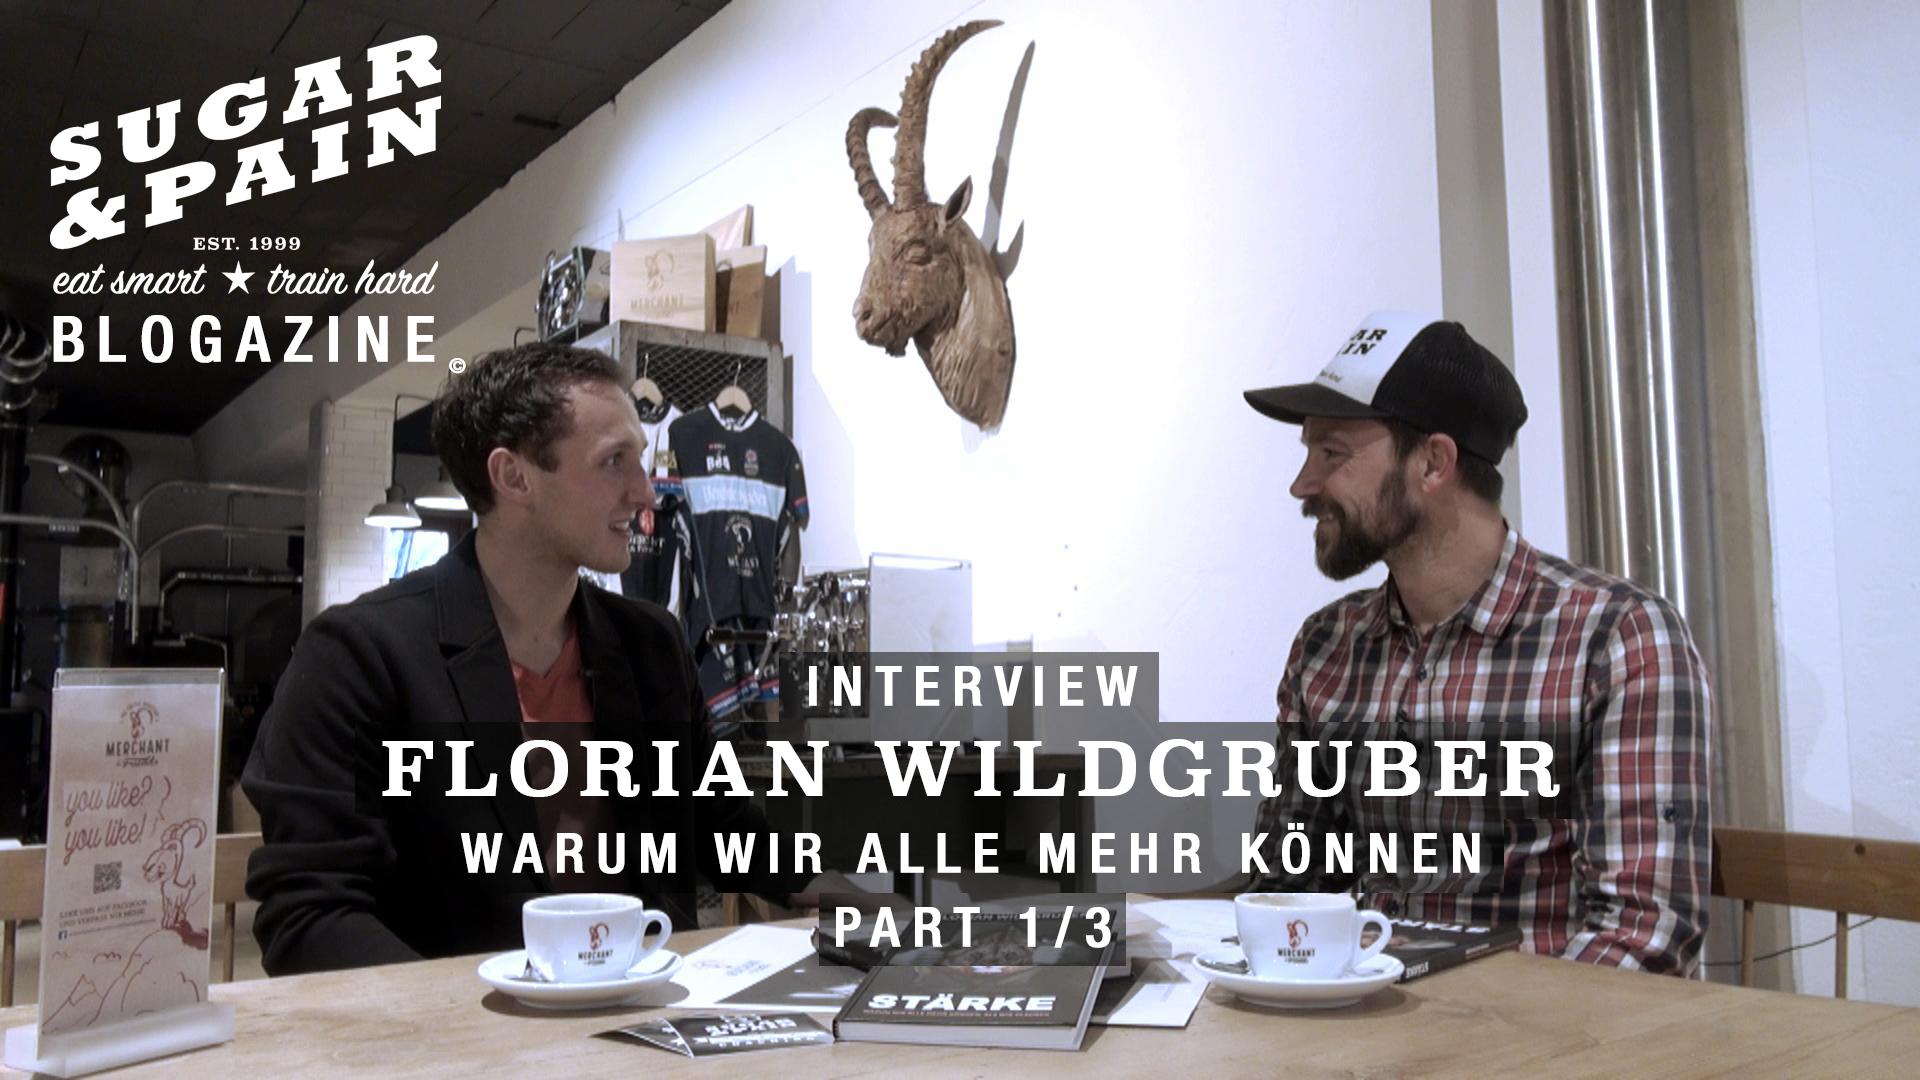 INTERVIEW FLORIAN WILDGRUBER Warum wir alle mehr können ... 1/3 /